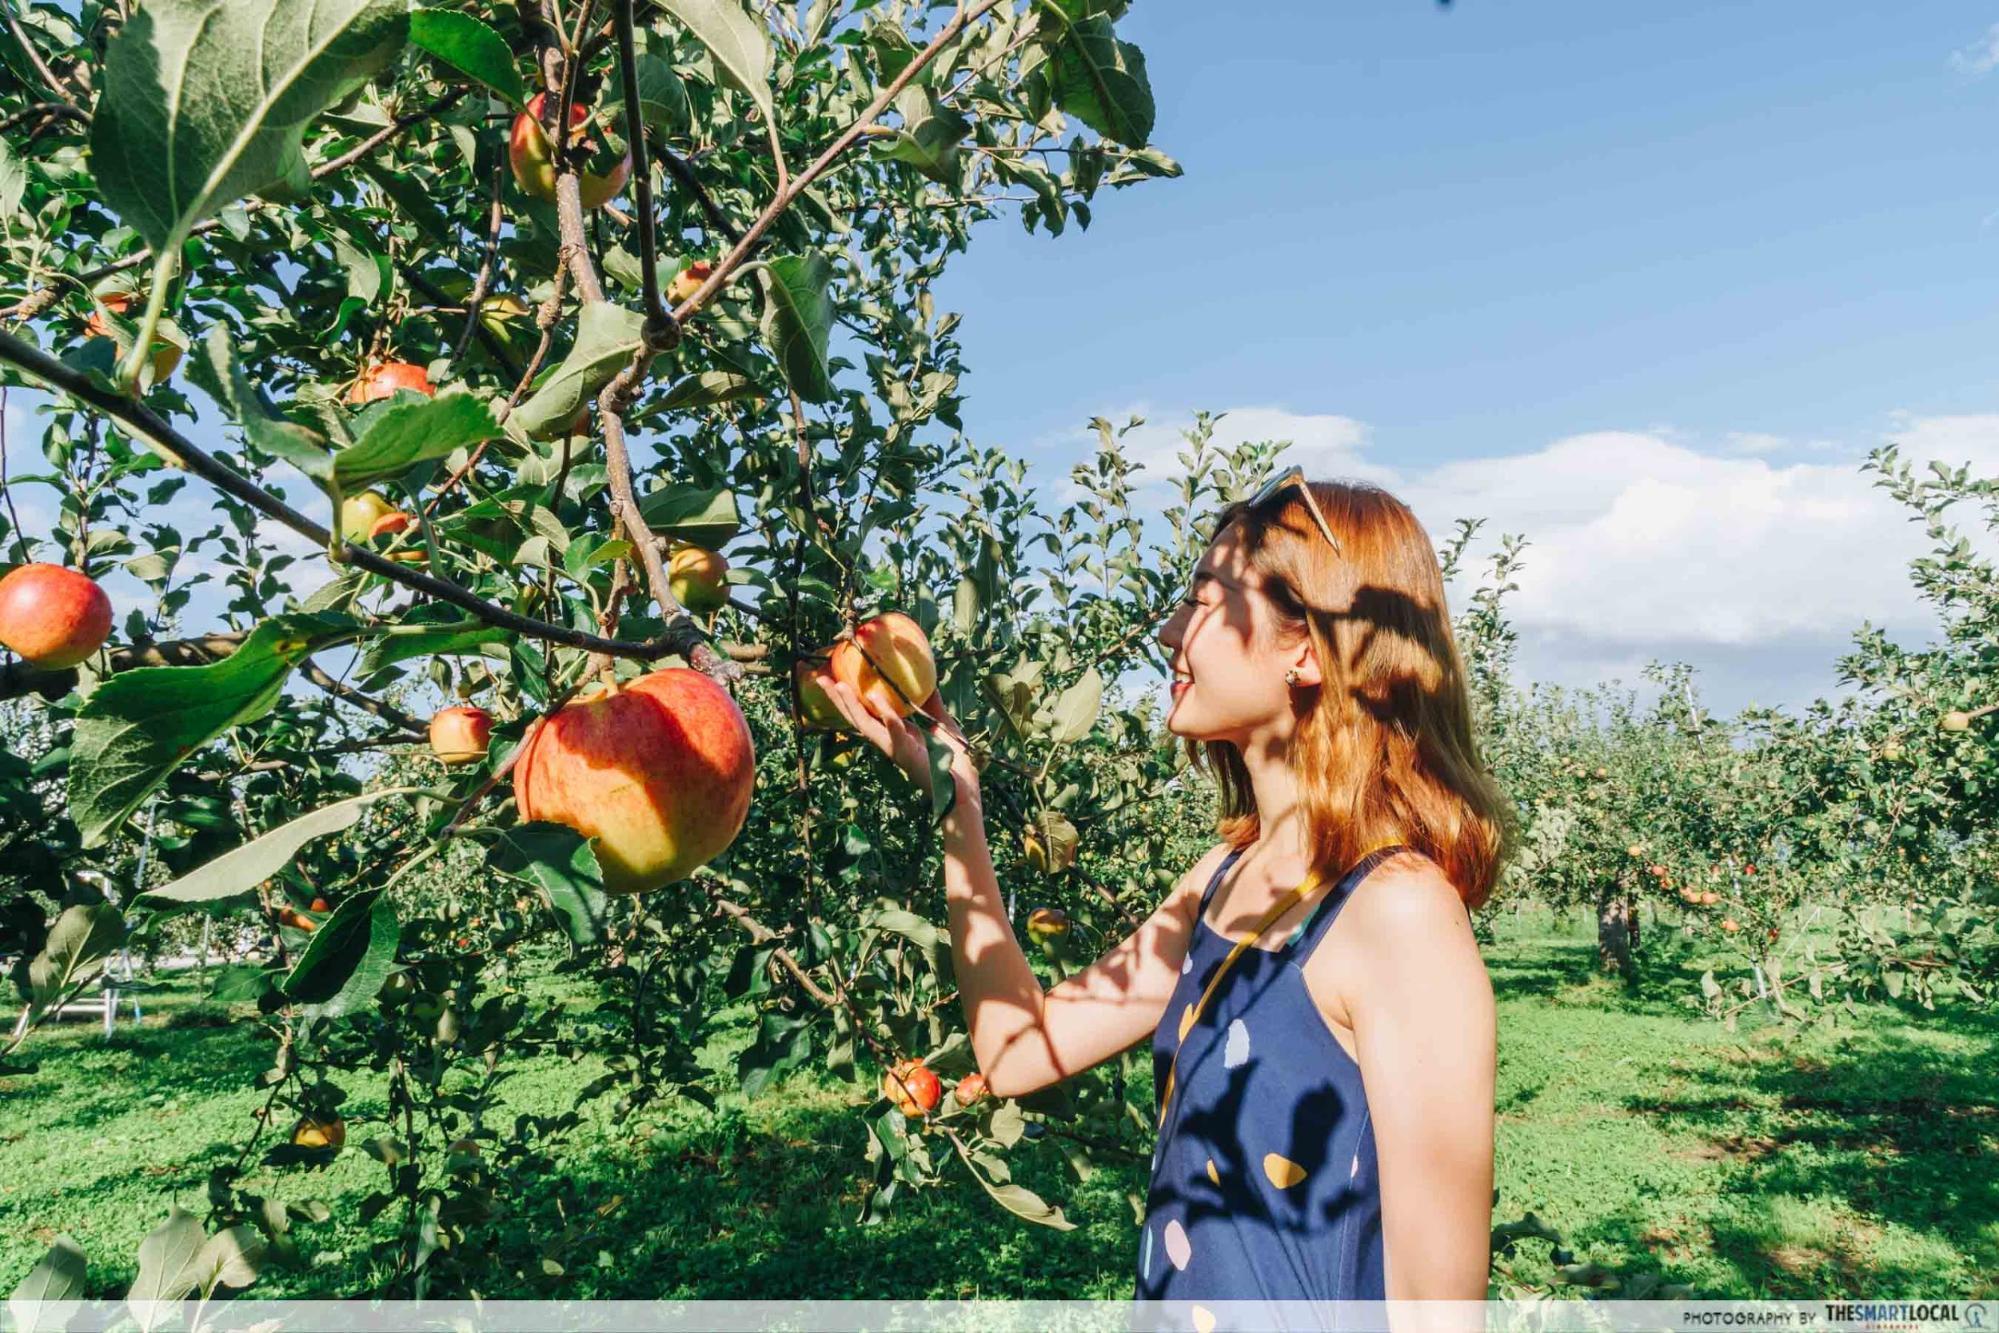 Tohoku Japan - hirosaki park apple picking fujisaki aomori